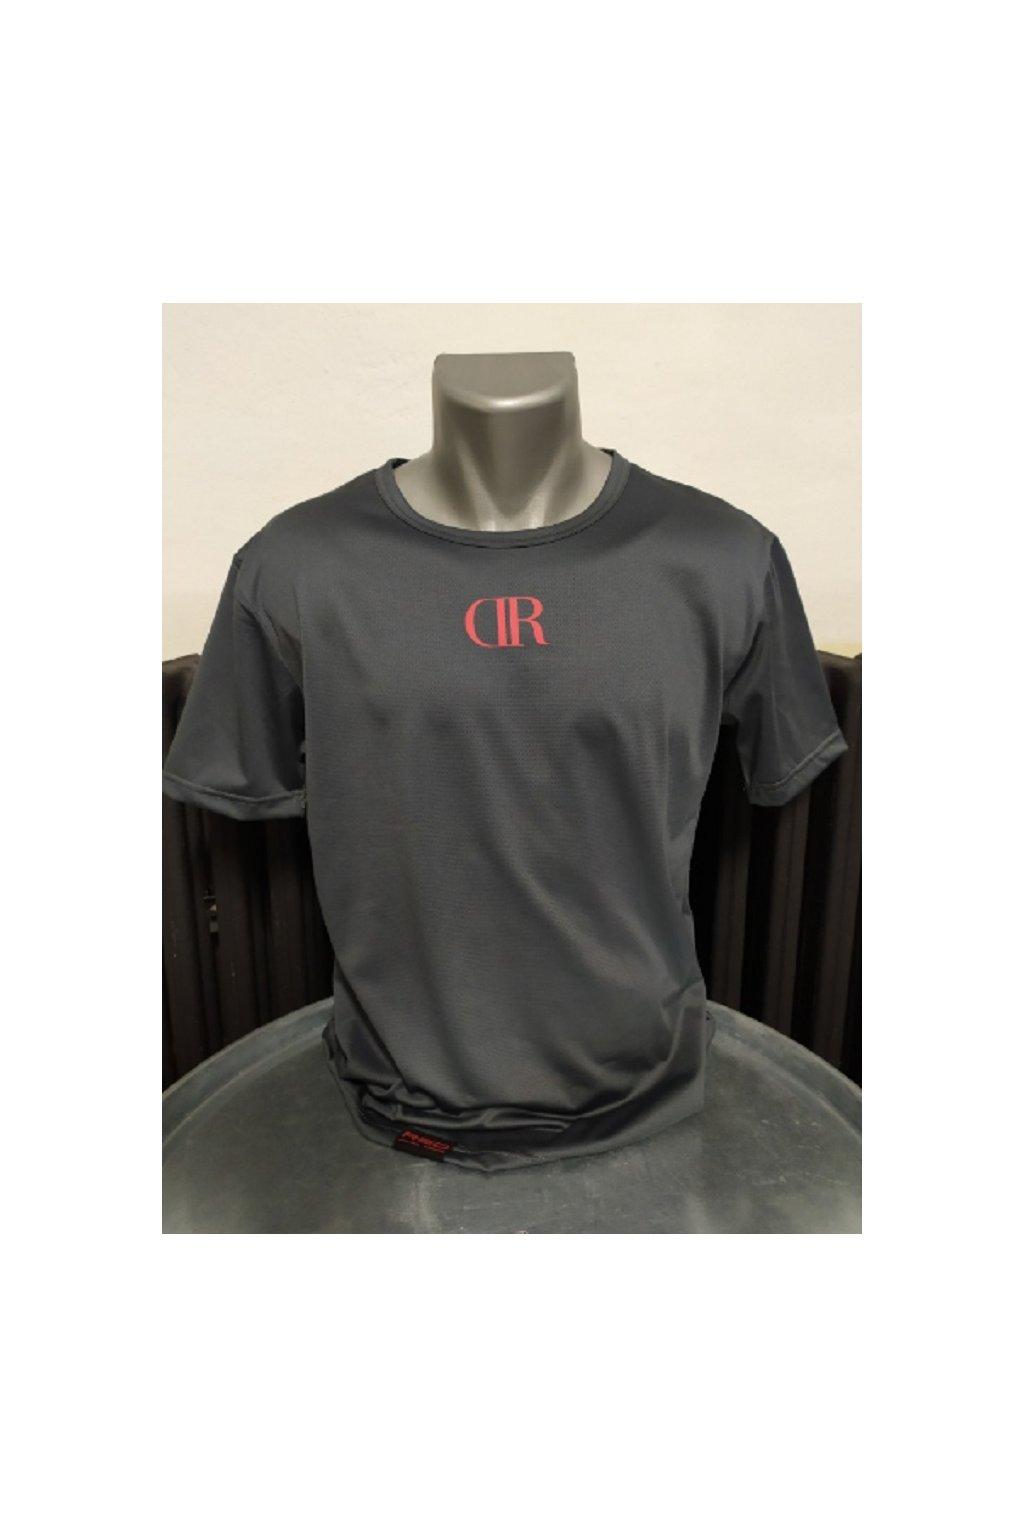 Pánské triko Double Red Logo small šedá obr1